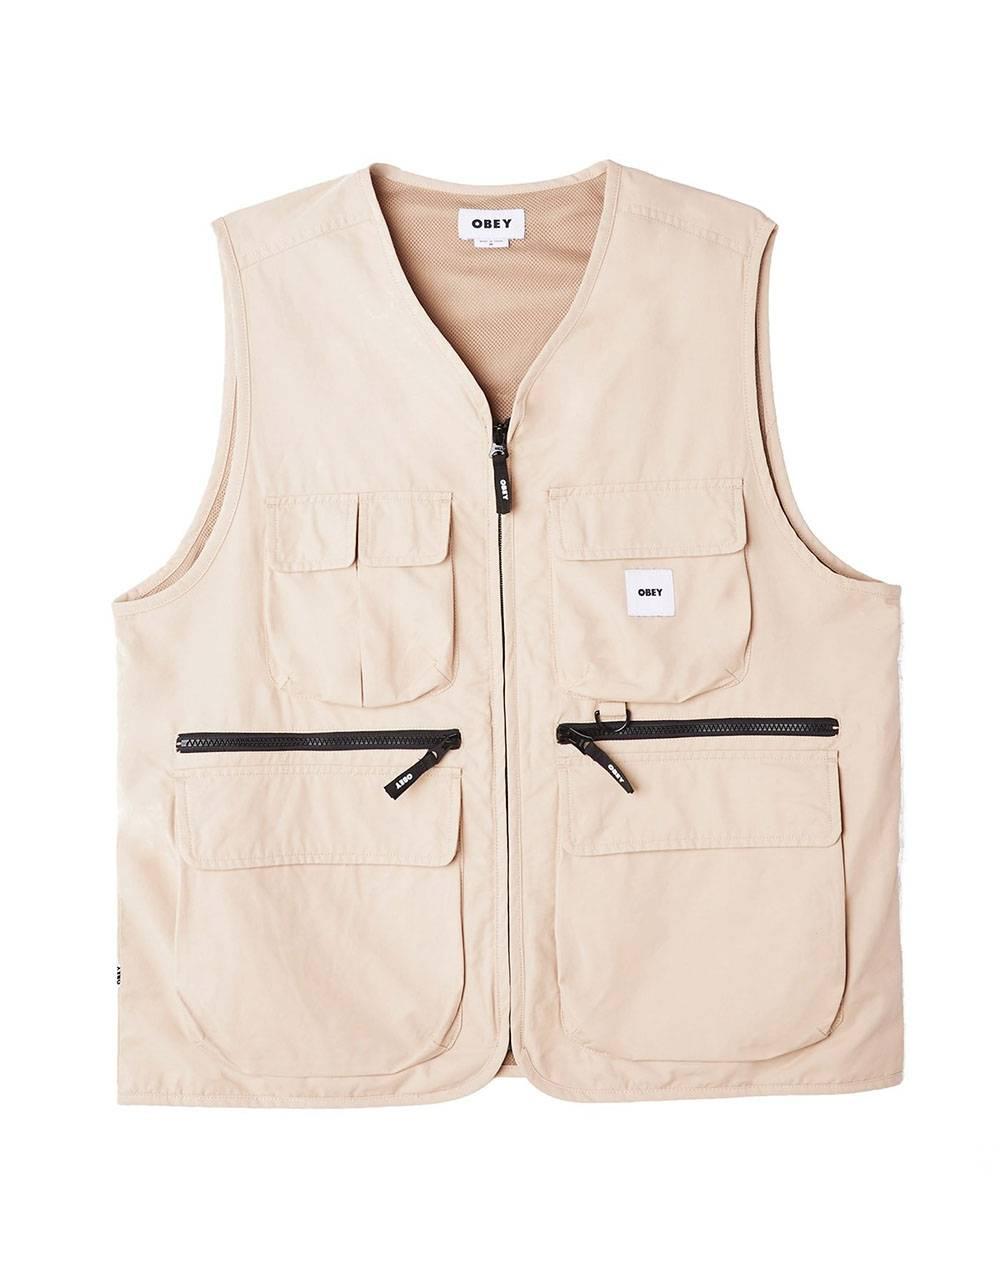 Obey Warfield vest jacket - humus obey Light jacket 146,00€